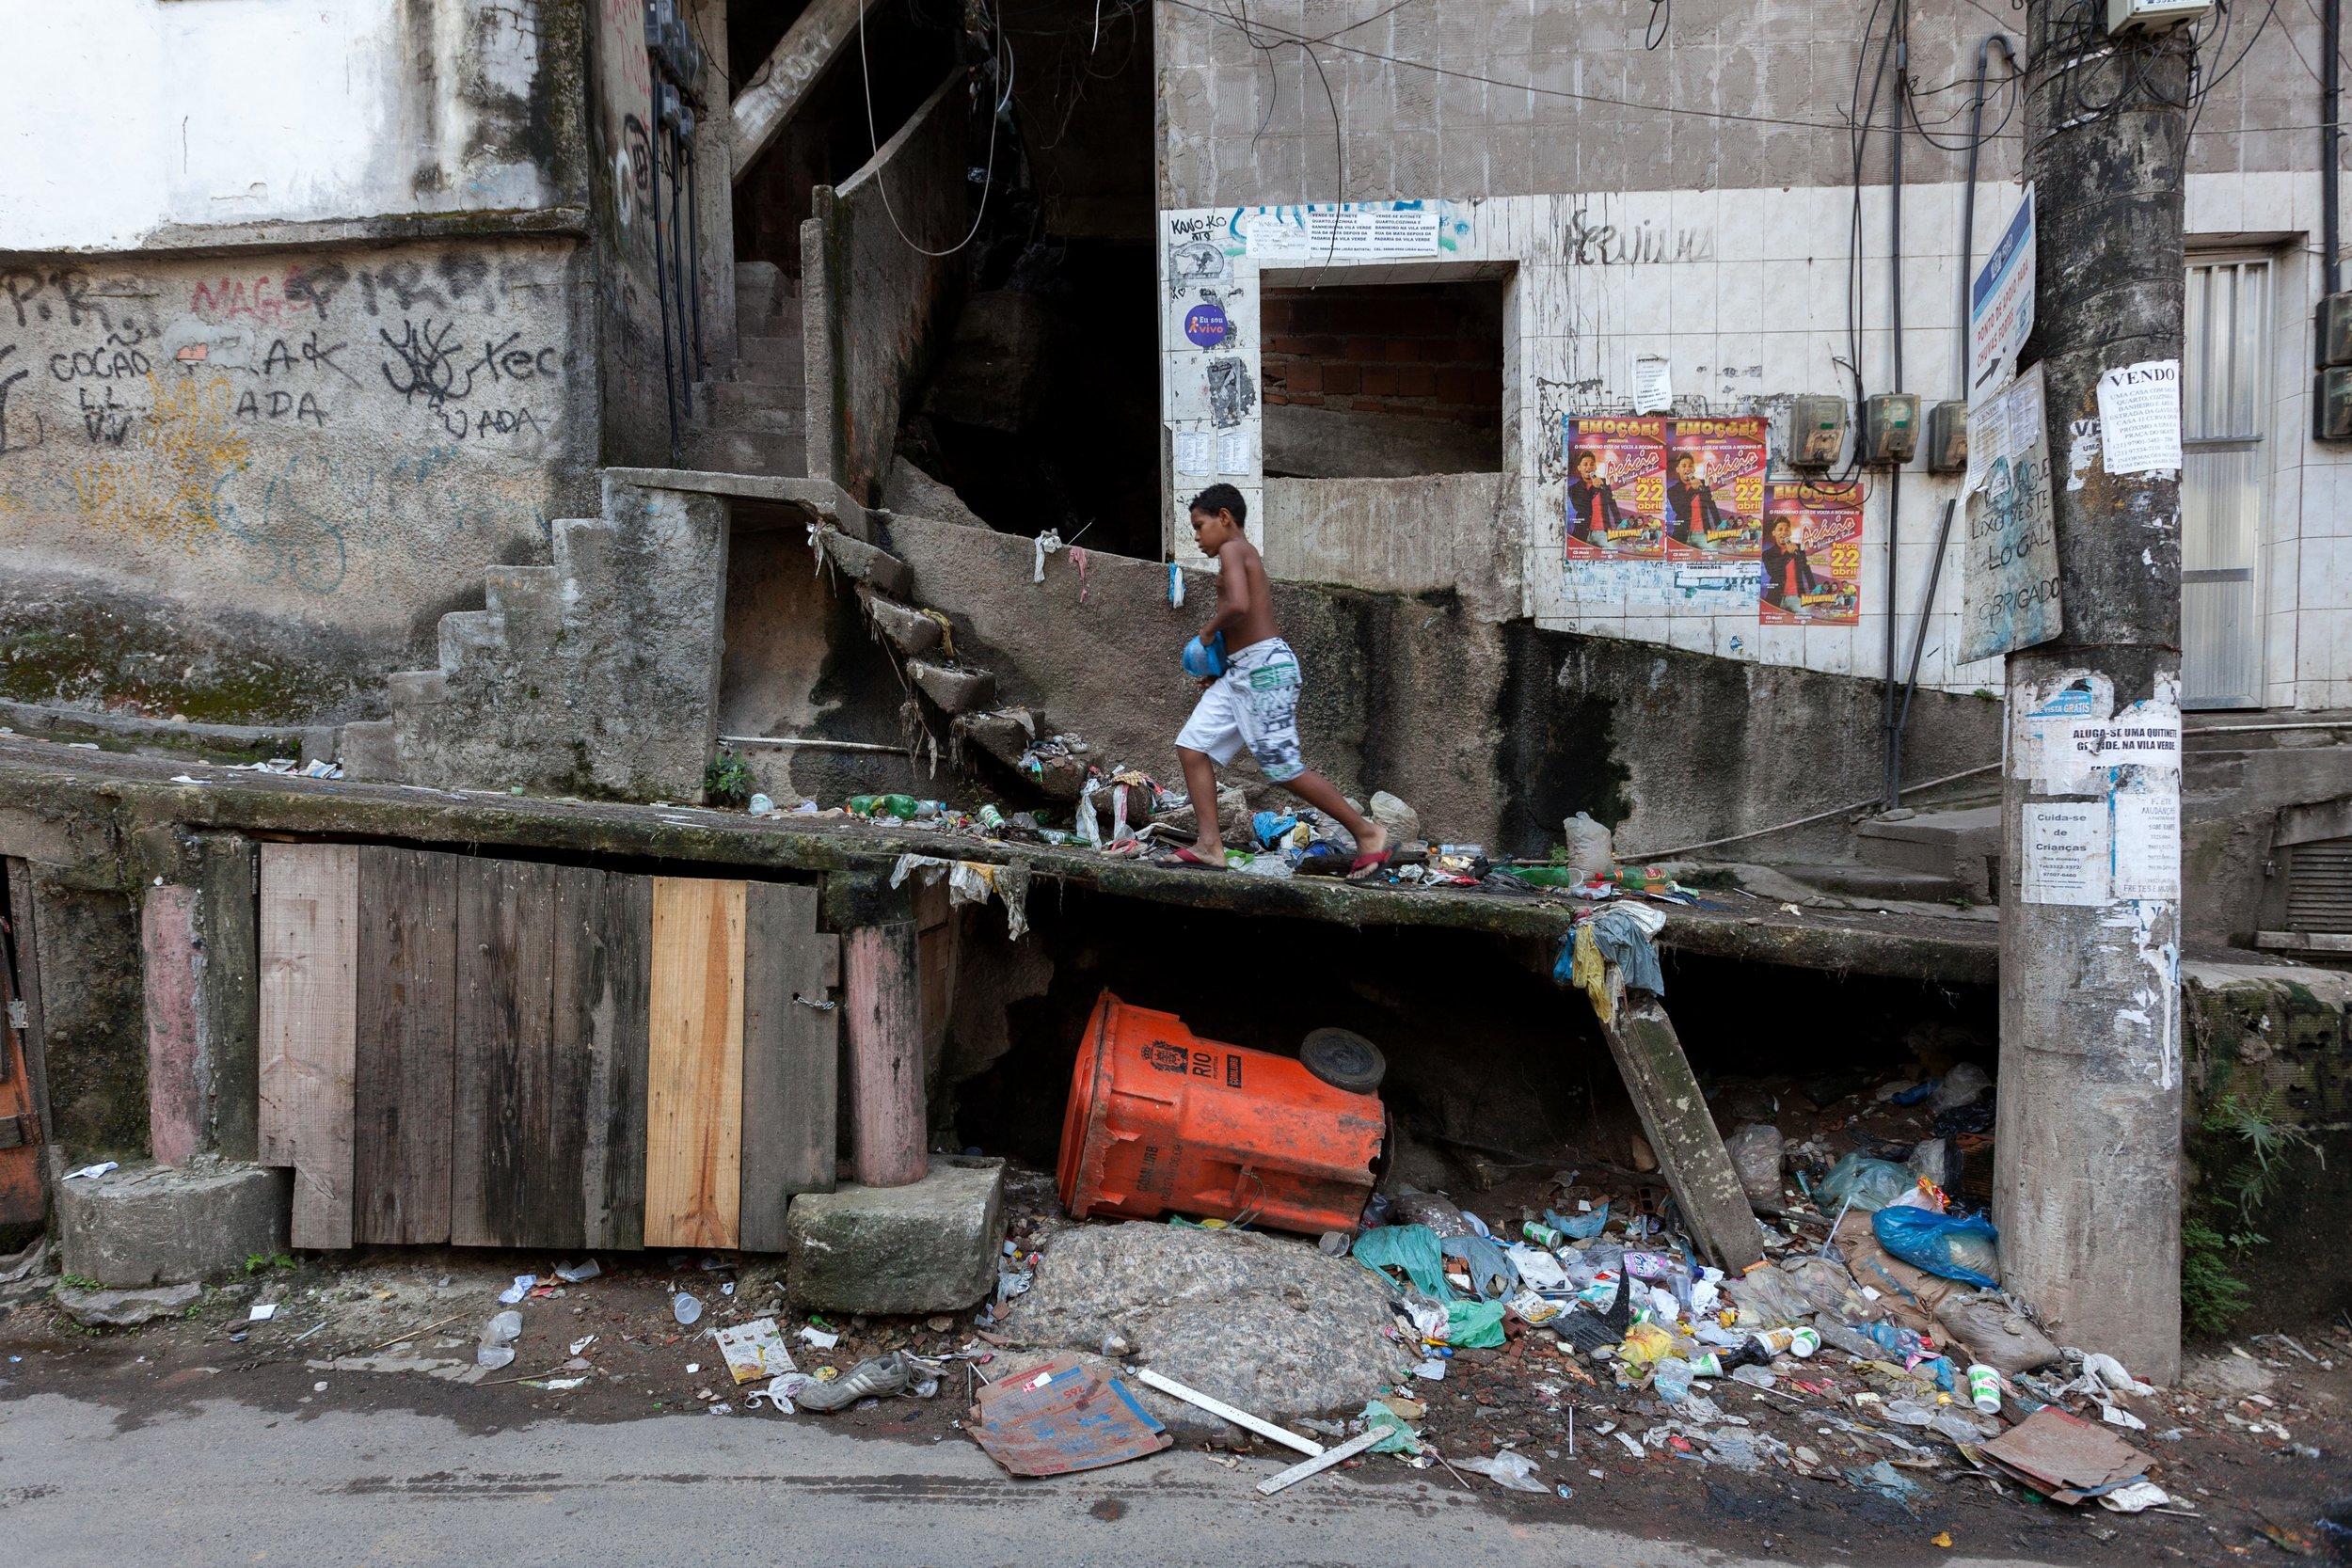 Trash in the streets of Rocinha slum in Rio de Janeiro, Brazil